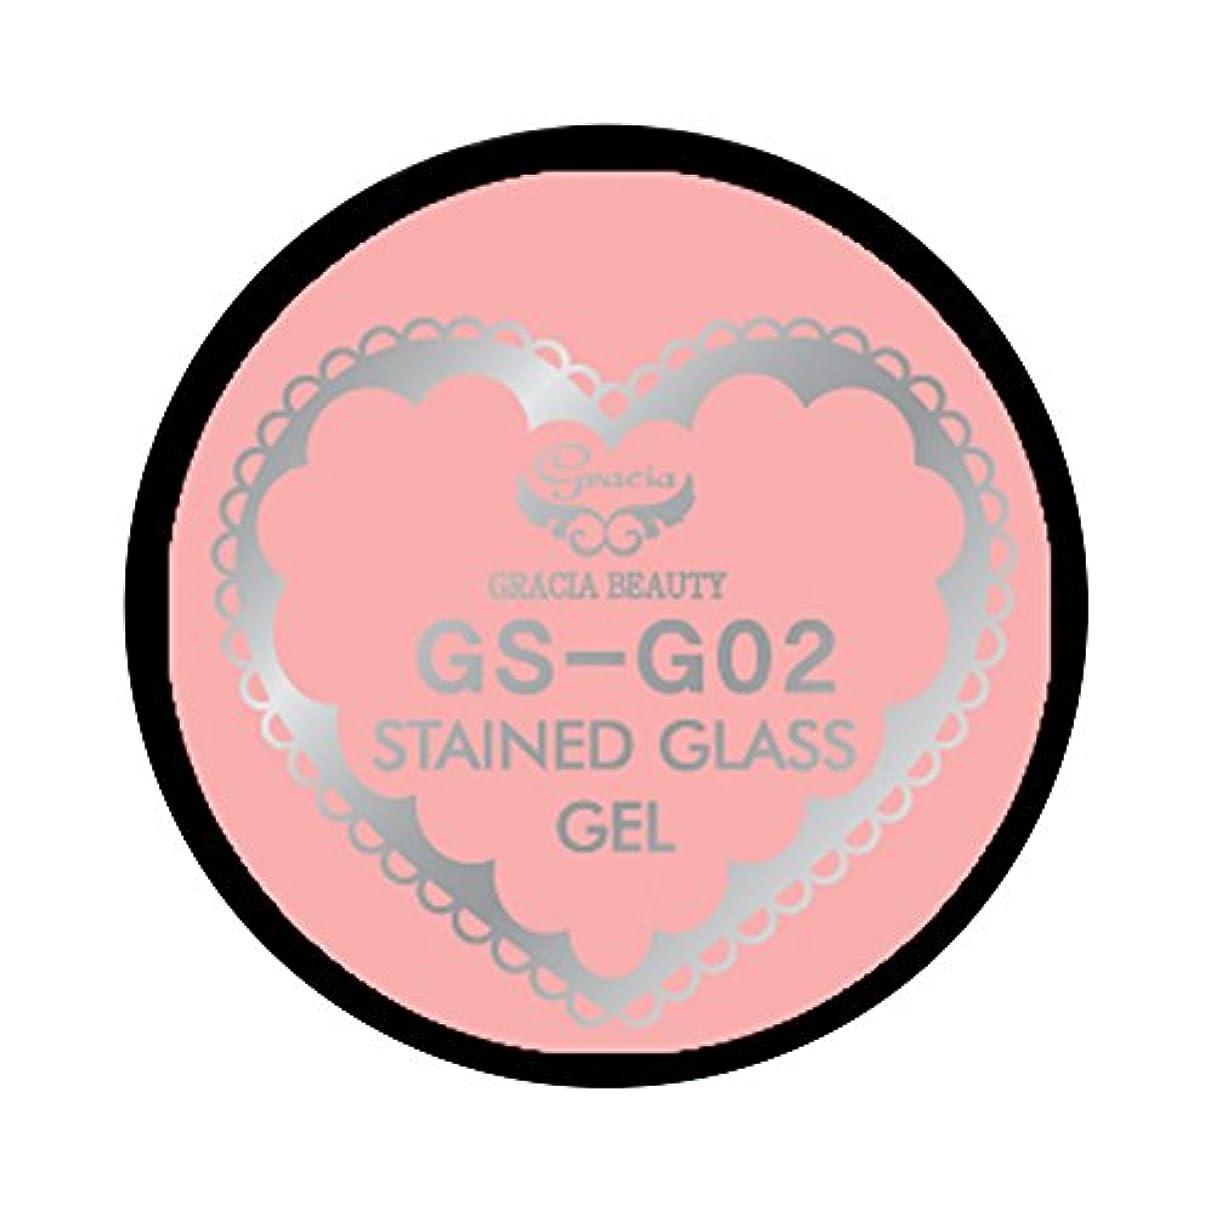 わずらわしいレスリングにやにやグラシア ジェルネイル ステンドグラスジェル GSM-G02 3g  グリッター UV/LED対応 カラージェル ソークオフジェル ガラスのような透明感